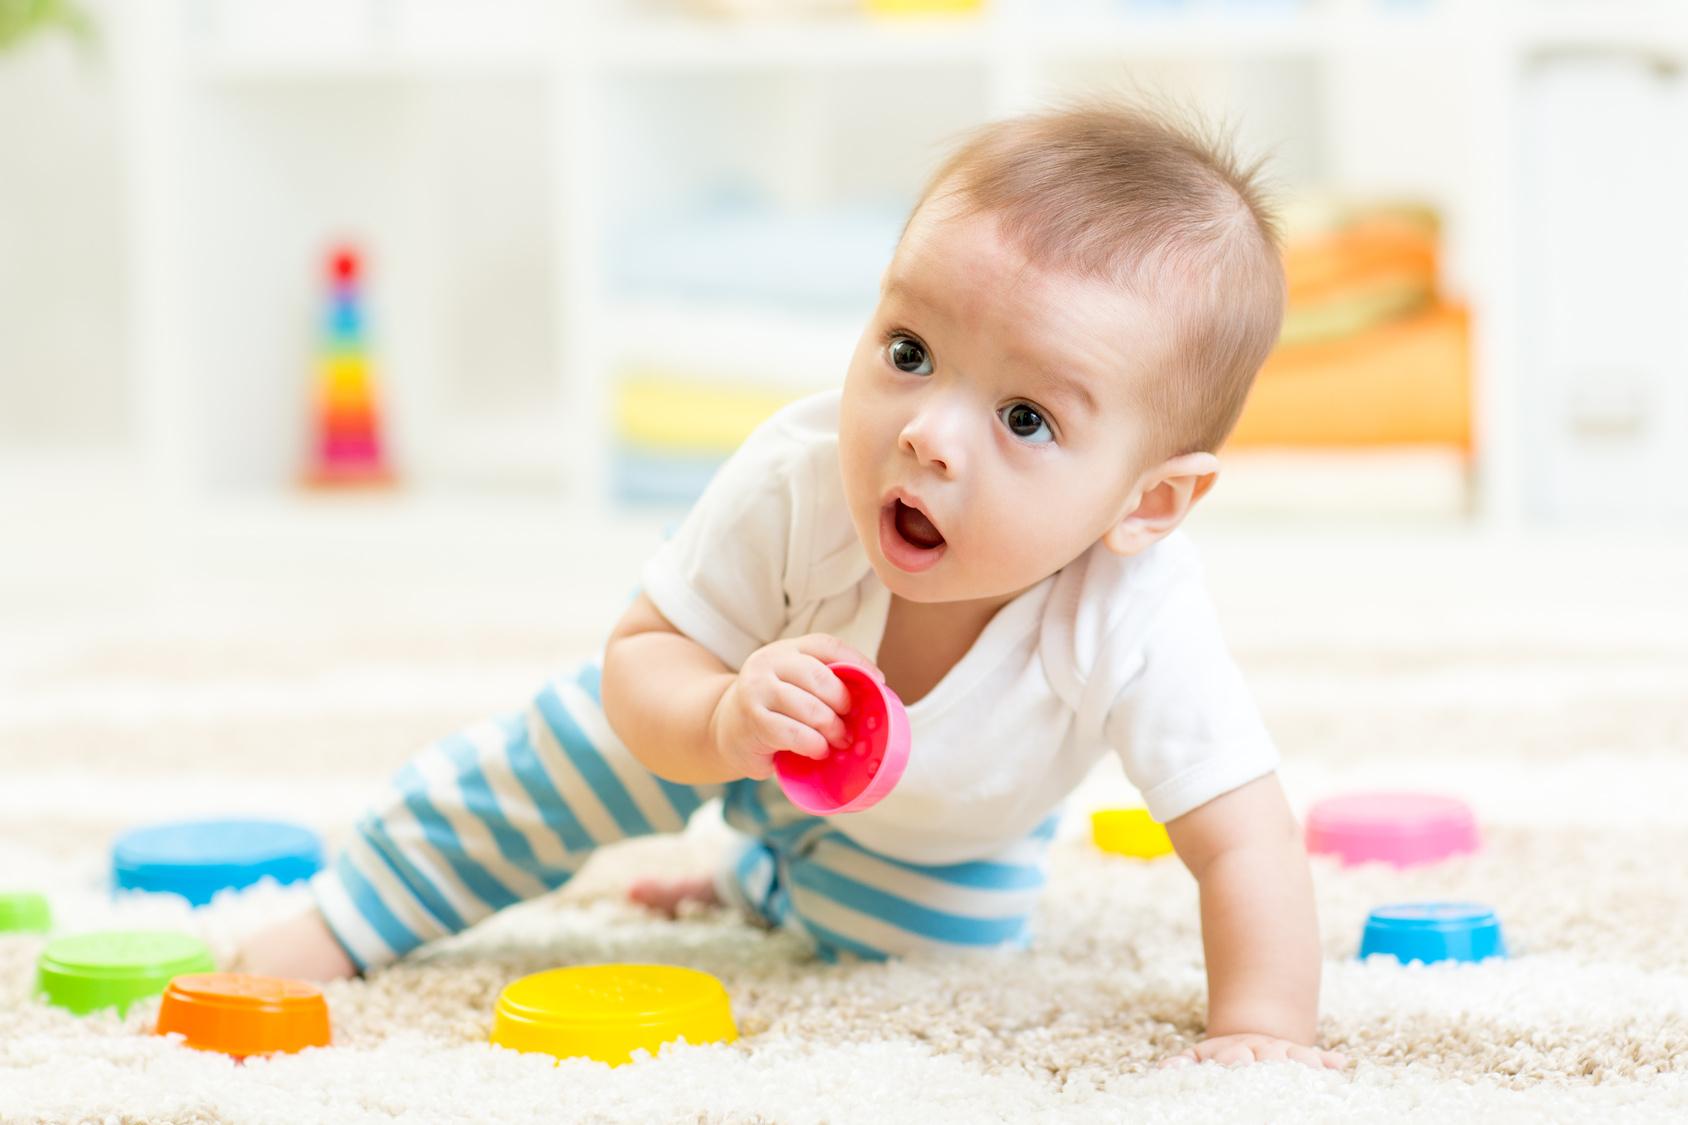 Idées De Jeux Pour Les Bébés- Laithicia Adam - Nanny Secours intérieur Jeux Educatif 2 Ans En Ligne Gratuit